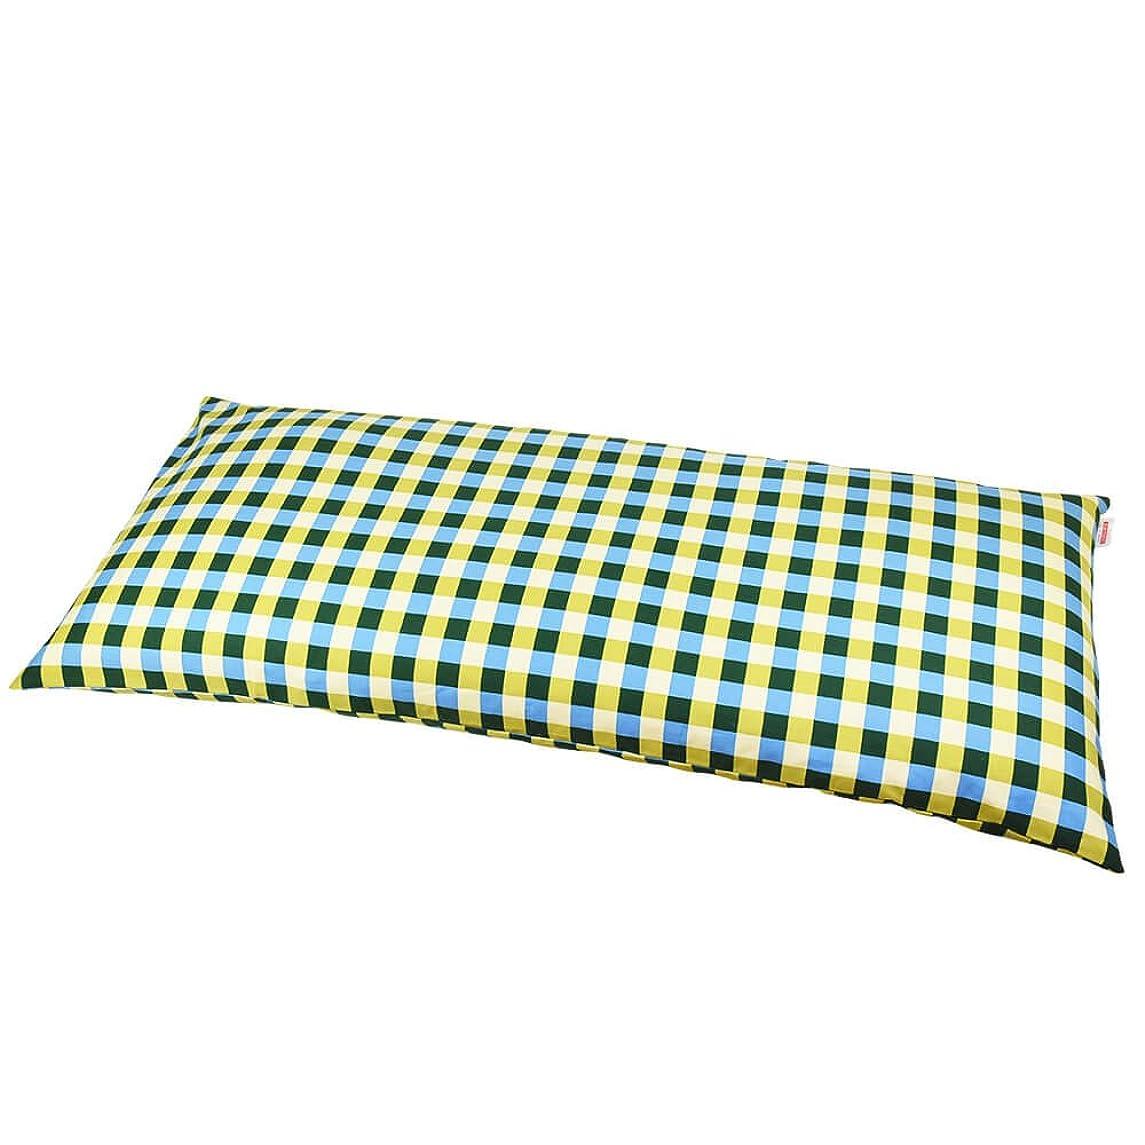 説明落胆する男らしさ枕カバー 60×140cmの枕用 チェック綿100% ファスナー式 パイピング仕上げ 日本製 枕 綿 ブルー